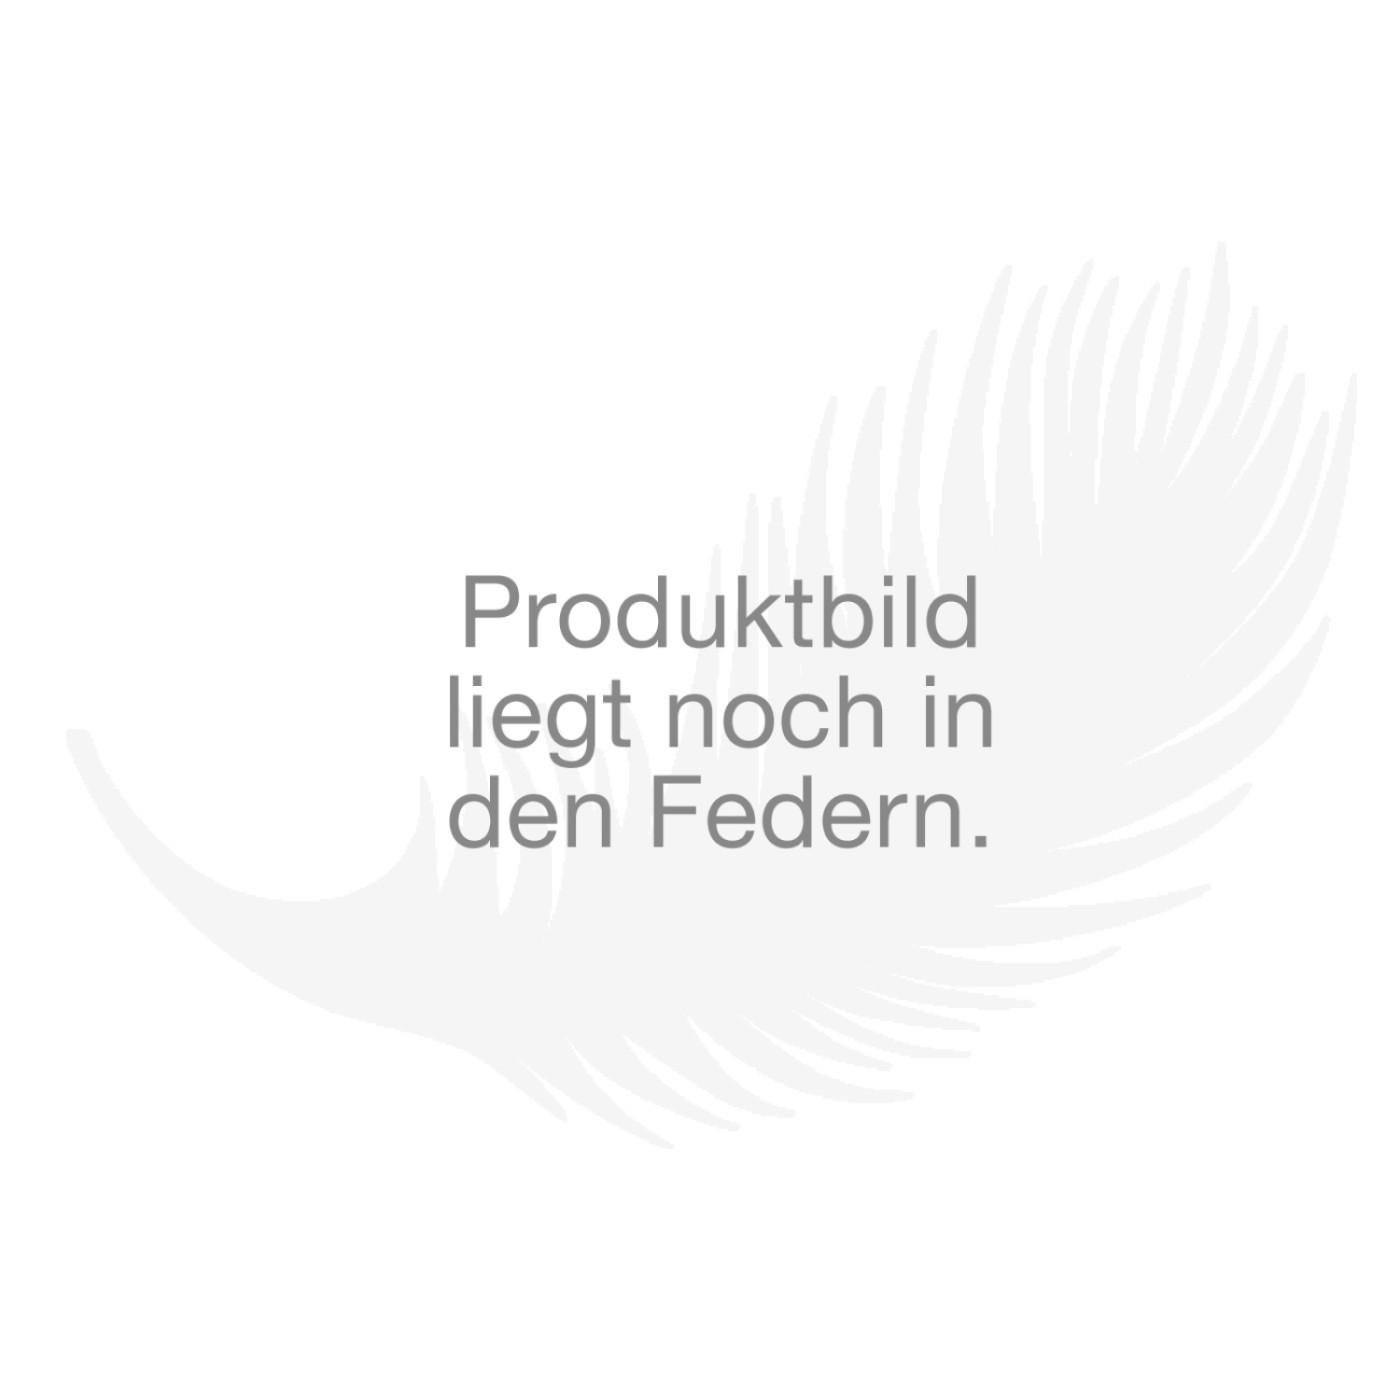 Ungewöhnlich Luxurioses Bett Design Hastens Guten Schlaf ...